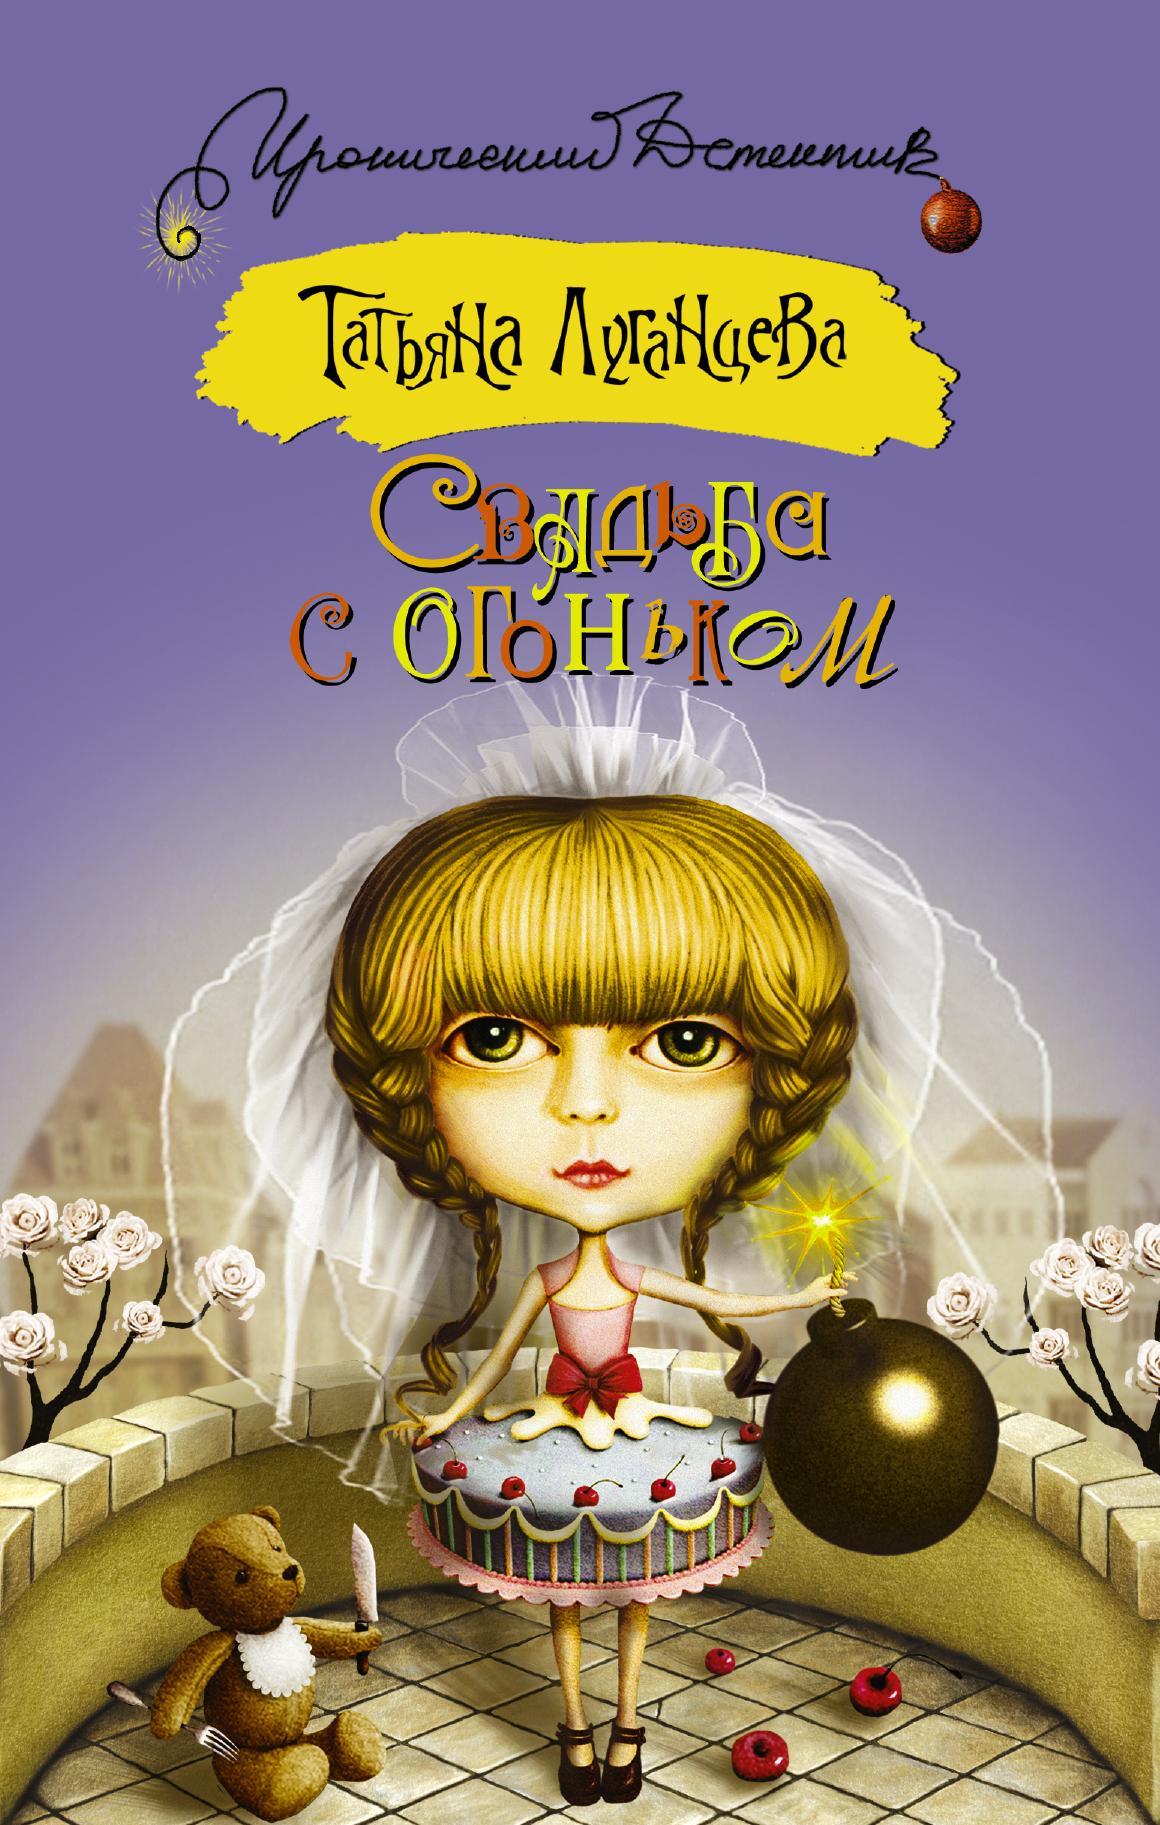 купить Татьяна Луганцева Свадьба с огоньком (сборник) по цене 129 рублей